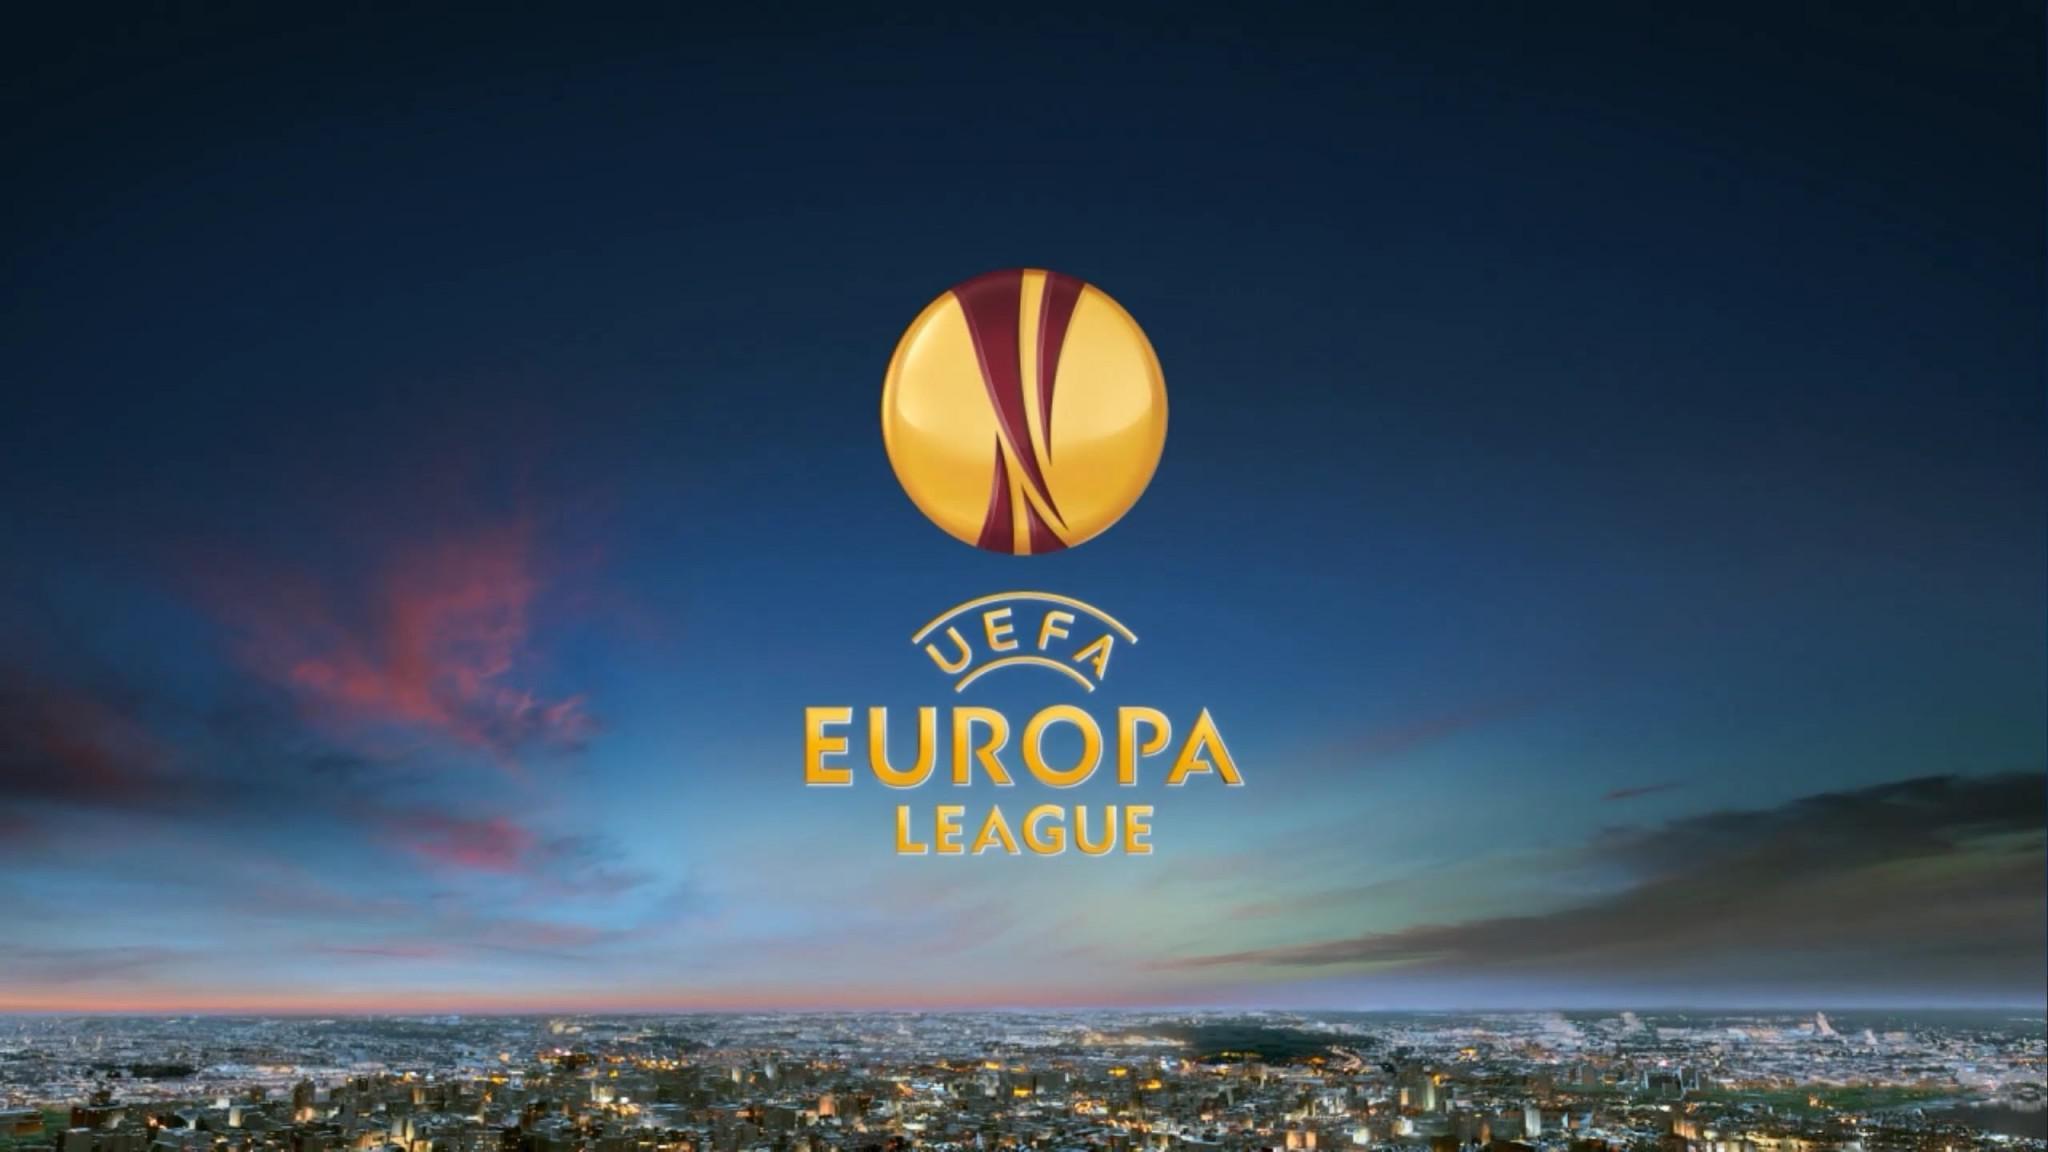 http://www.eleftherostypos.gr/wp-content/uploads/2016/08/europa-league-1000-2.jpg